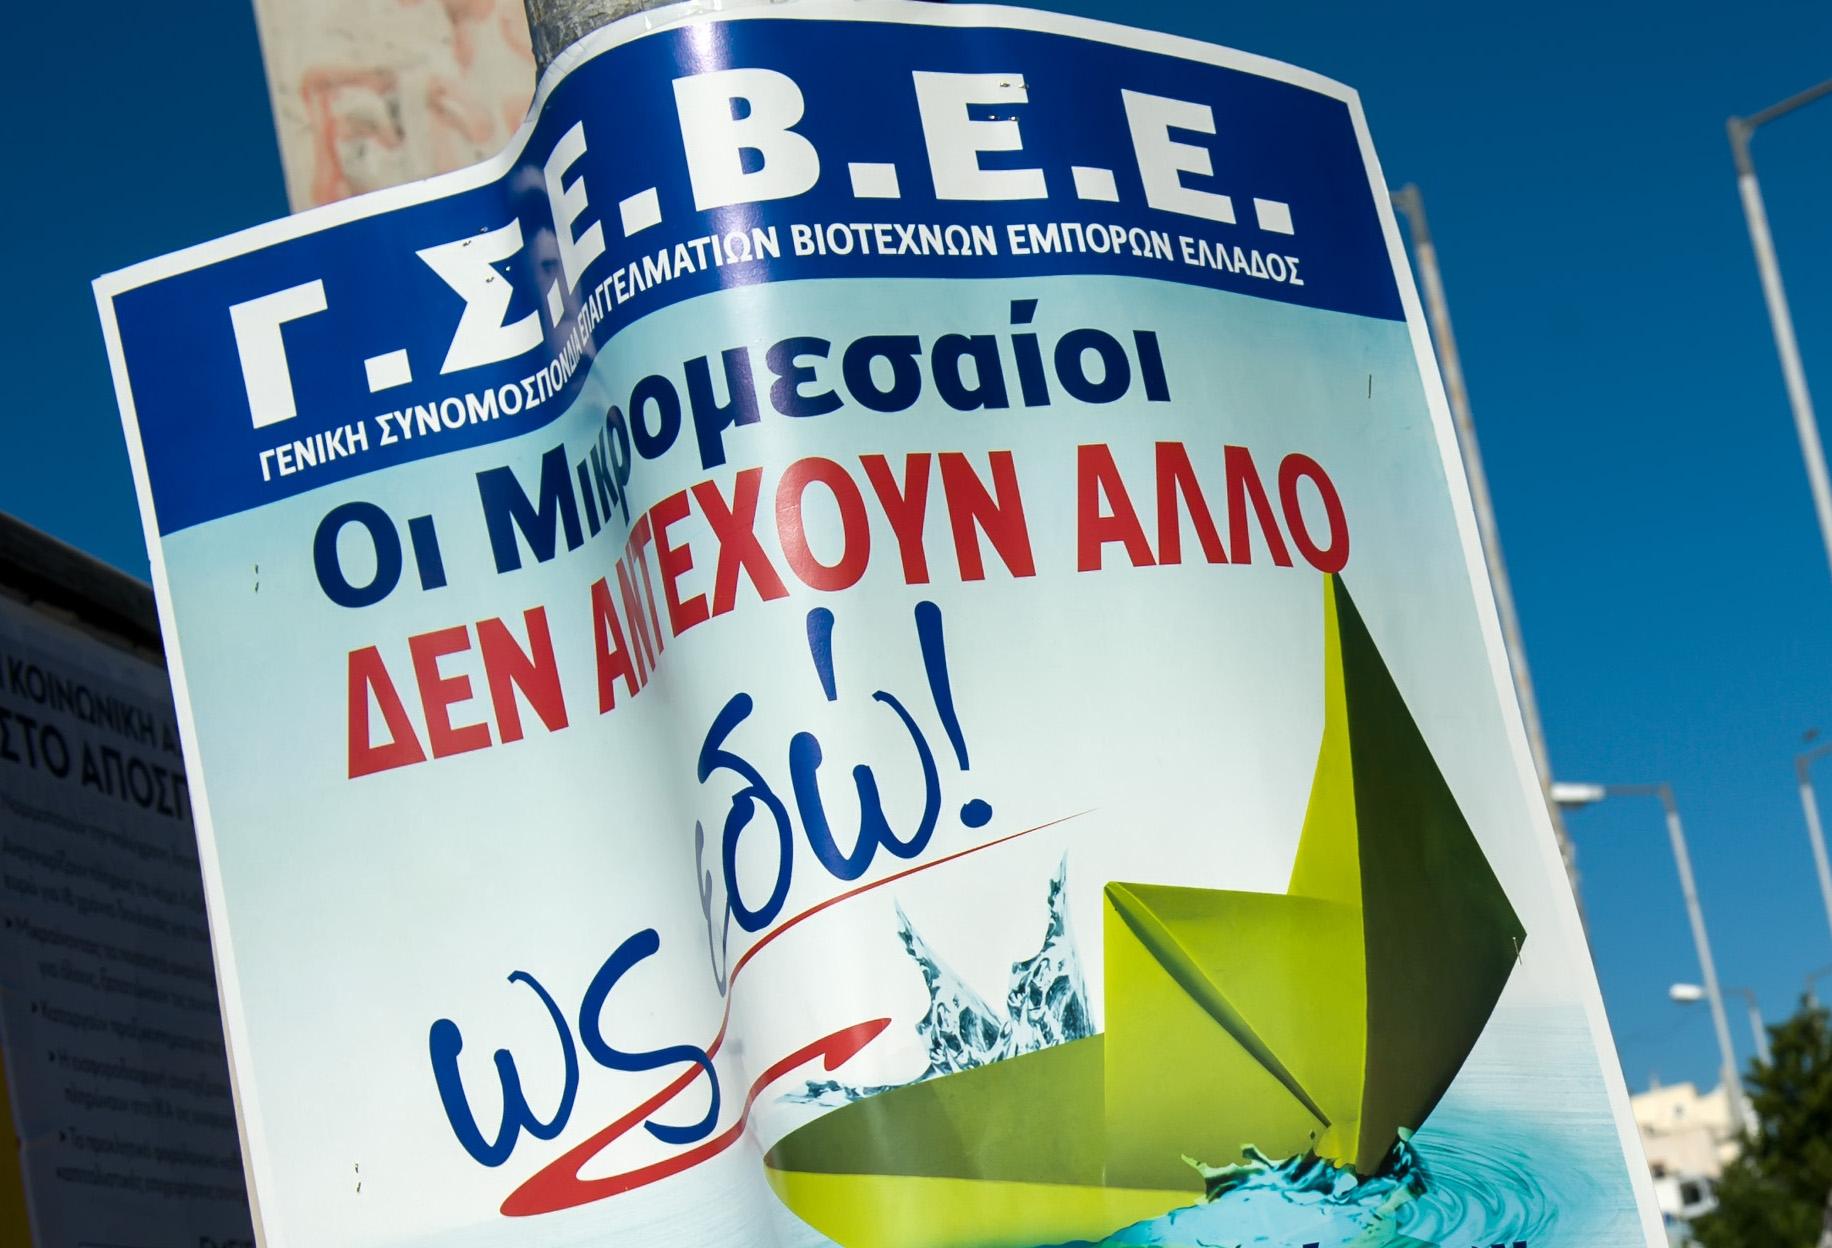 ΓΣΕΒΕΕ: Το εργασιακό νομοσχέδιο αφήνει σχεδόν όλους δυσαρεστημένους